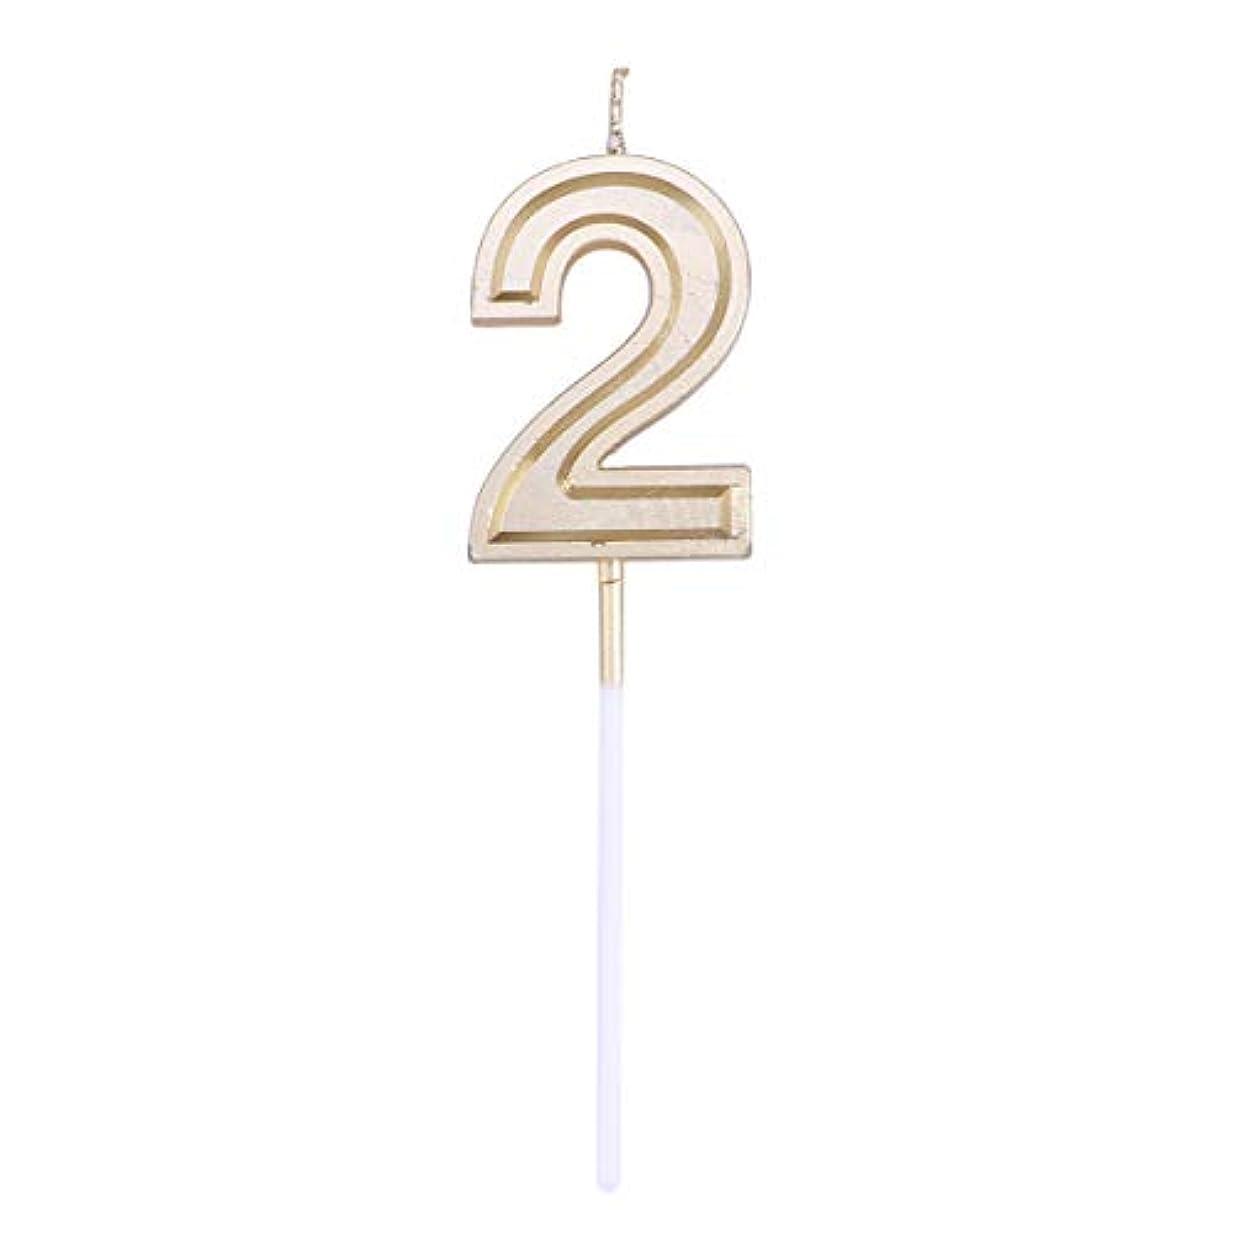 パンサー首謀者バッテリーToyvian ゴールドラメ誕生日おめでとう数字キャンドル番号キャンドルケーキトッパー装飾用大人キッズパーティー(ナンバー2)